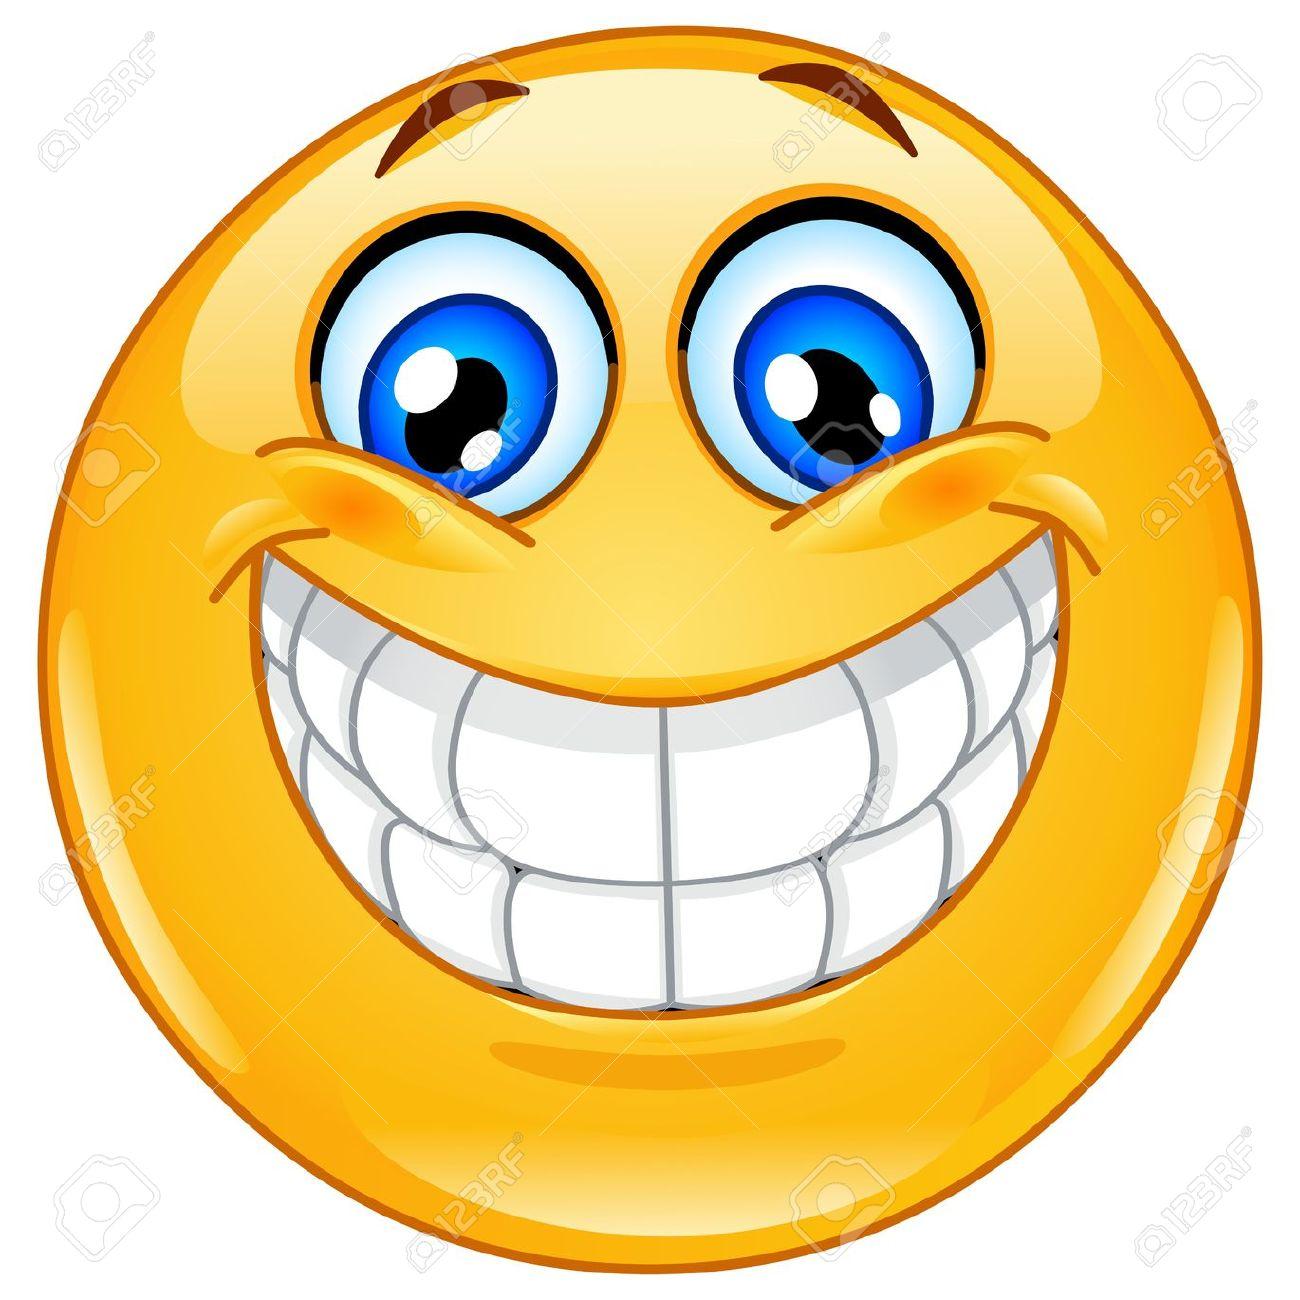 Big Smile Teeth: Emoticon With Big Tooth-big smile teeth: Emoticon with big toothy smile Illustration-8